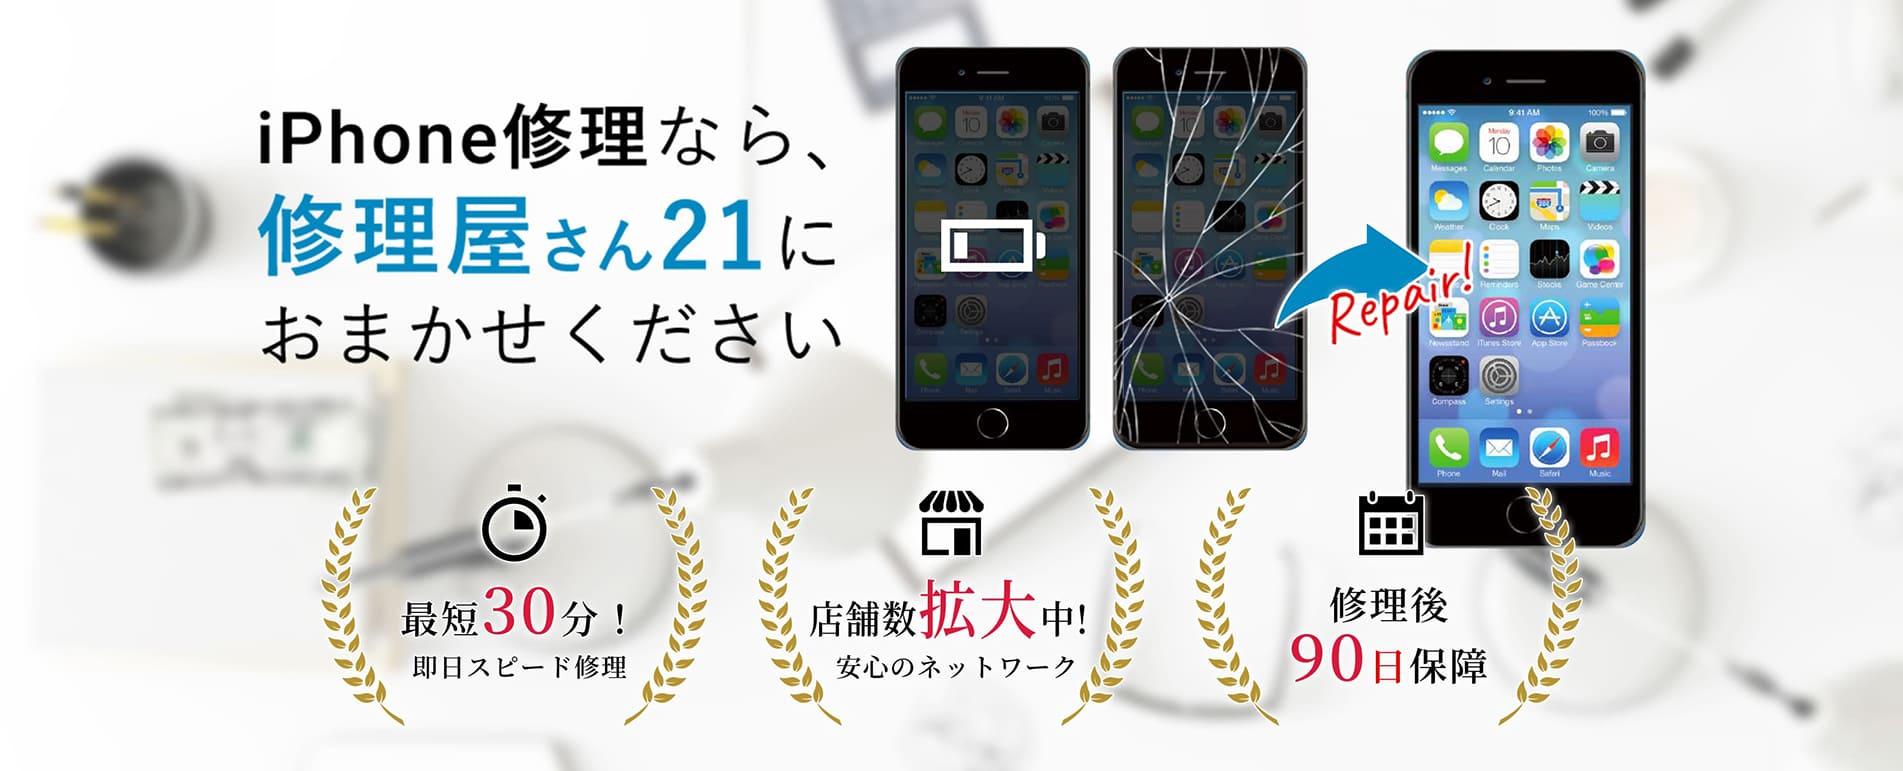 バッテリー交換でiPhone復活